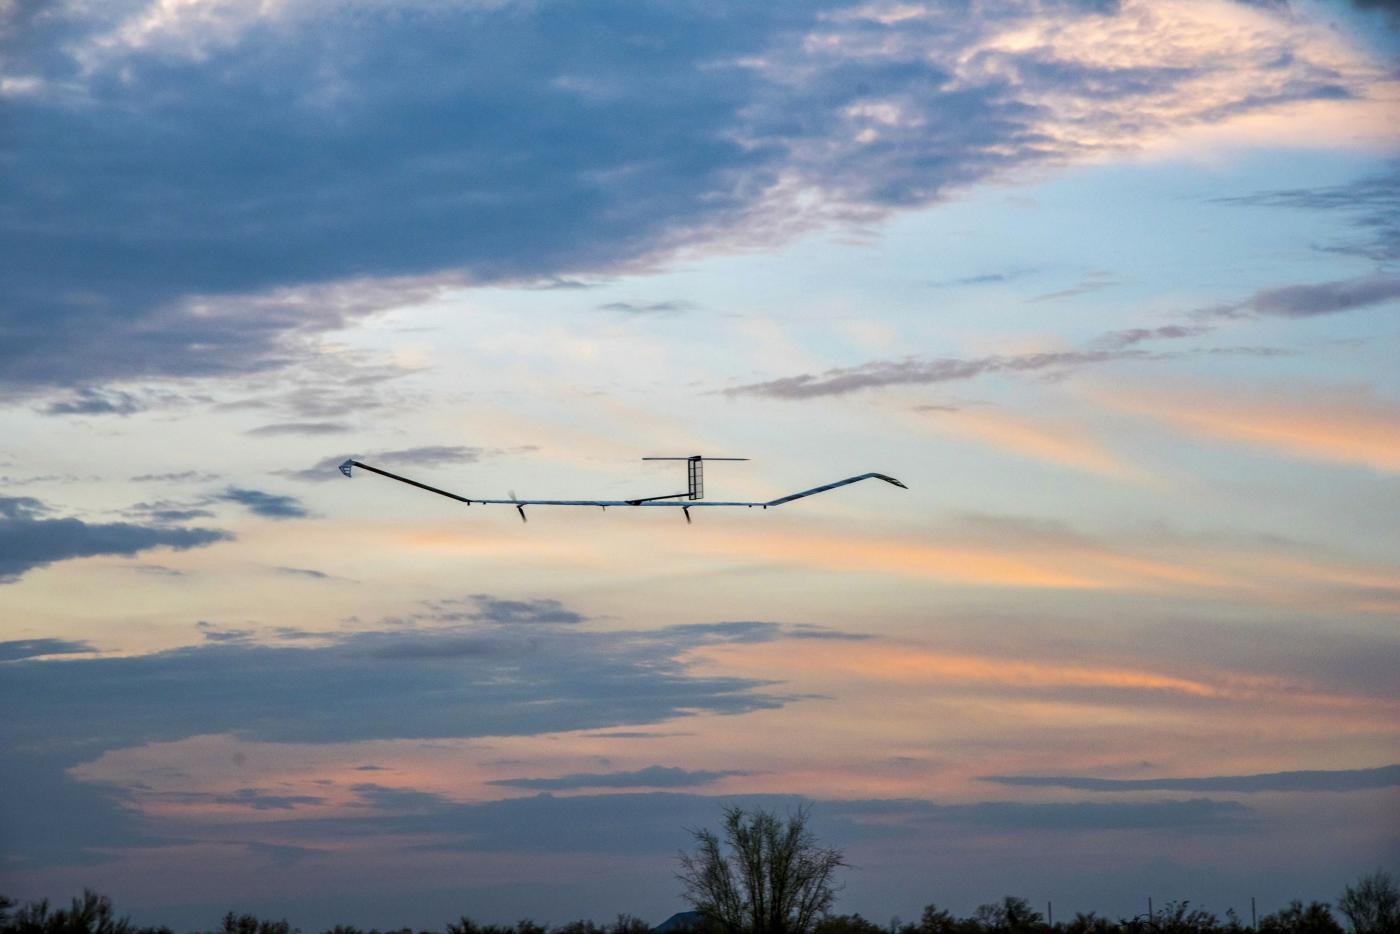 طائرة بدون طيار تعمل بالطاقة الشمسية تطير لمدة 25 يومًا متواصلًا، محققة بذلك رقمًا جديدًا بالطيران دون توقف